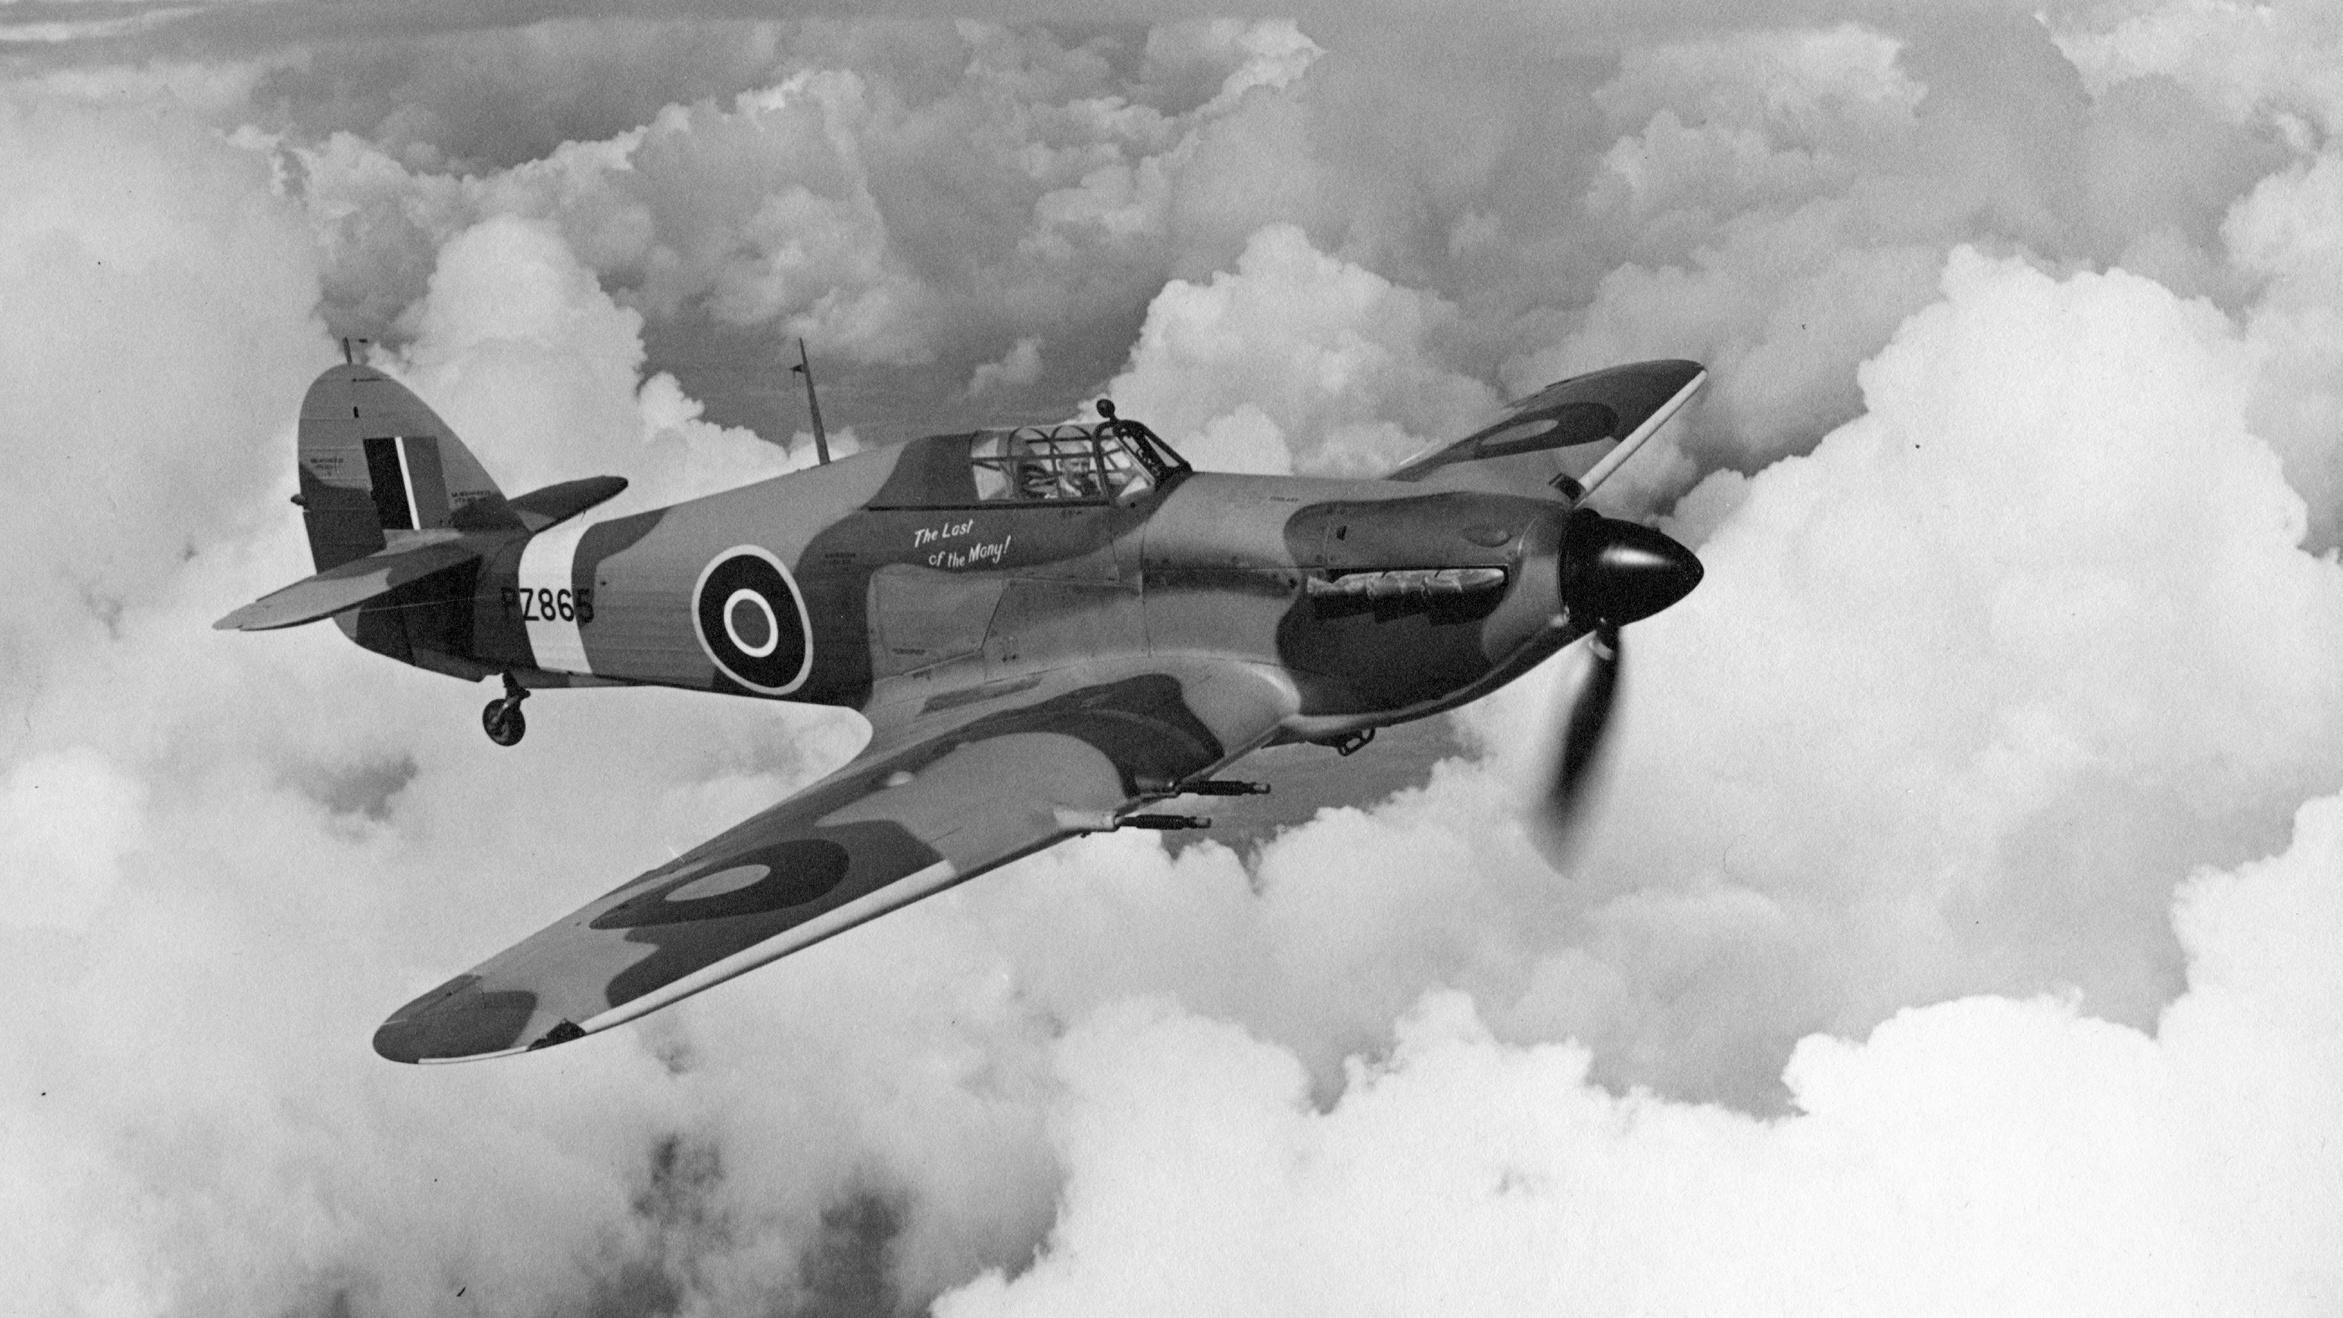 Британский одноместный истребитель Хоукер «Харрикейн» Mk II